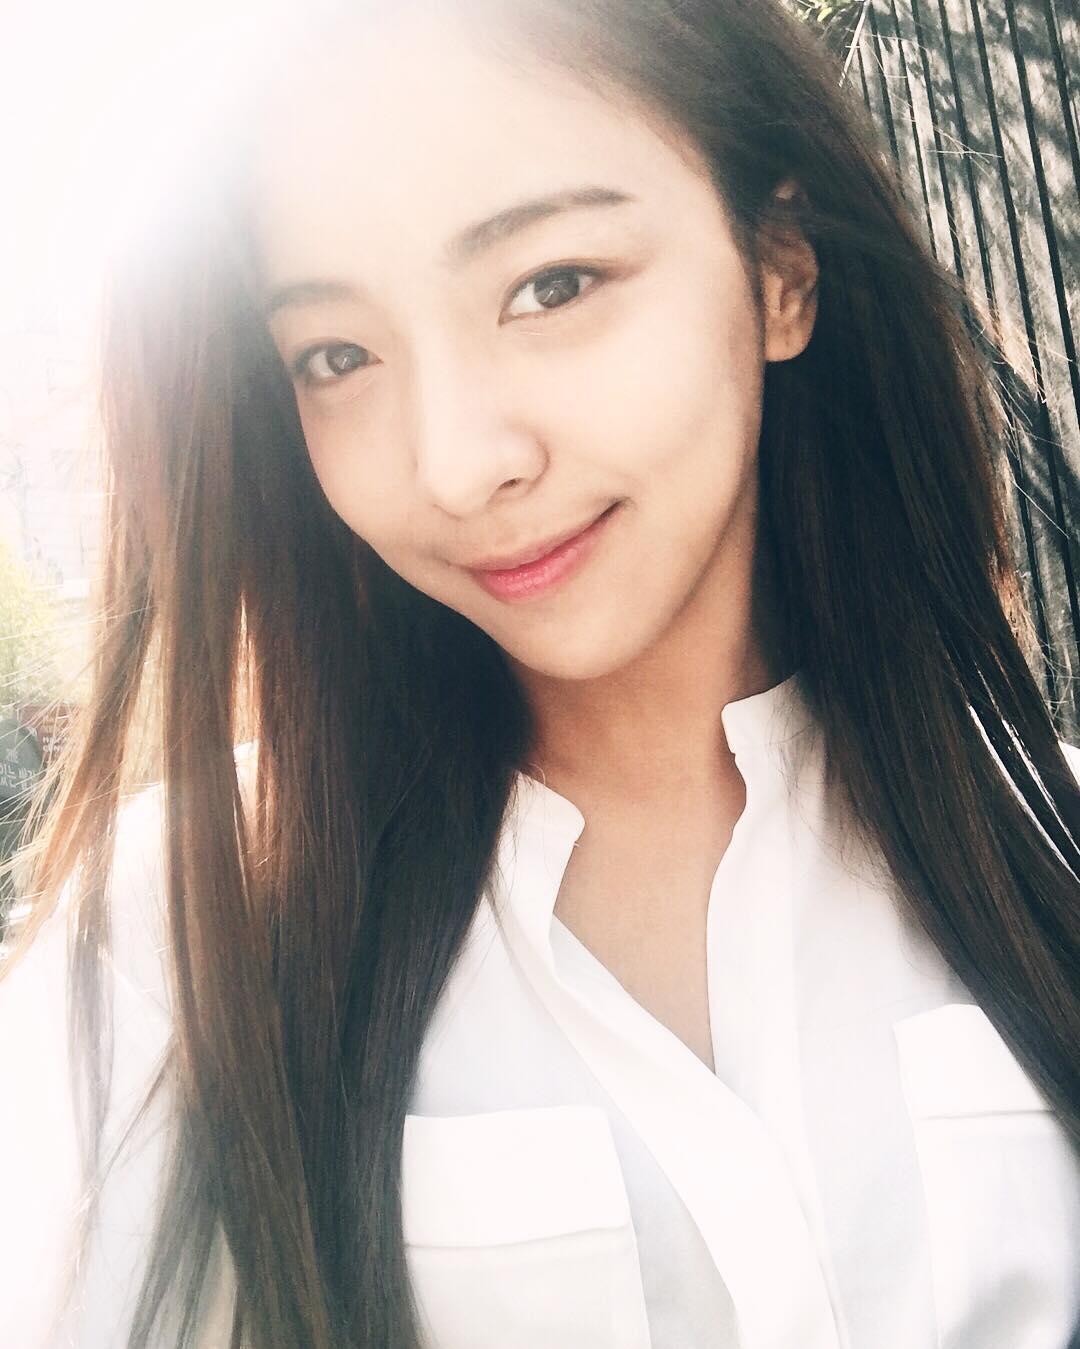 f(x) Luna says hello with her pretty SelCa - SNSD | OH!GG ... F(x) Sulli Selca